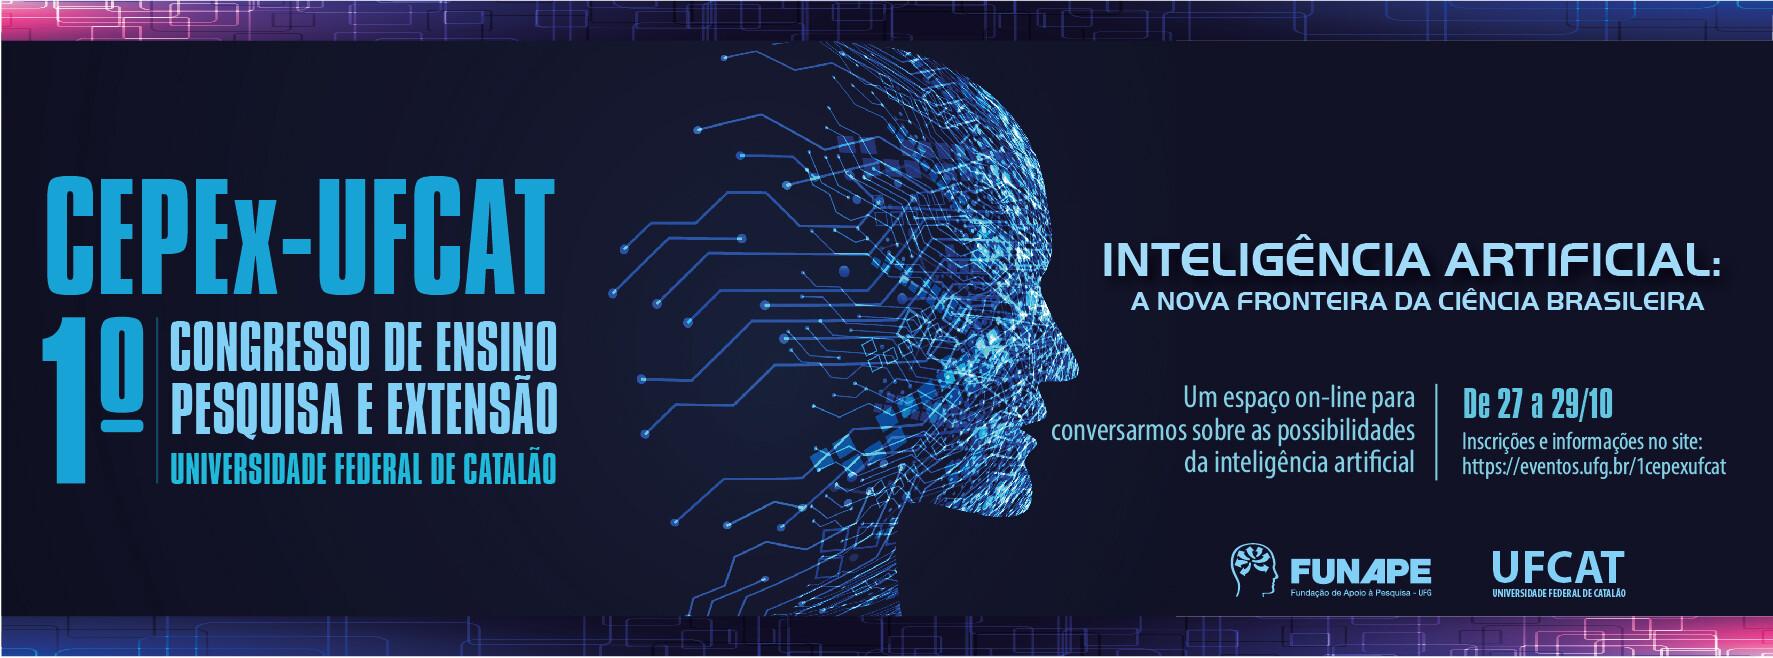 1º Congresso de Ensino, Pesquisa e Extensão da UniversidadeFederal de Catalão (CEPEx-UFCAT)